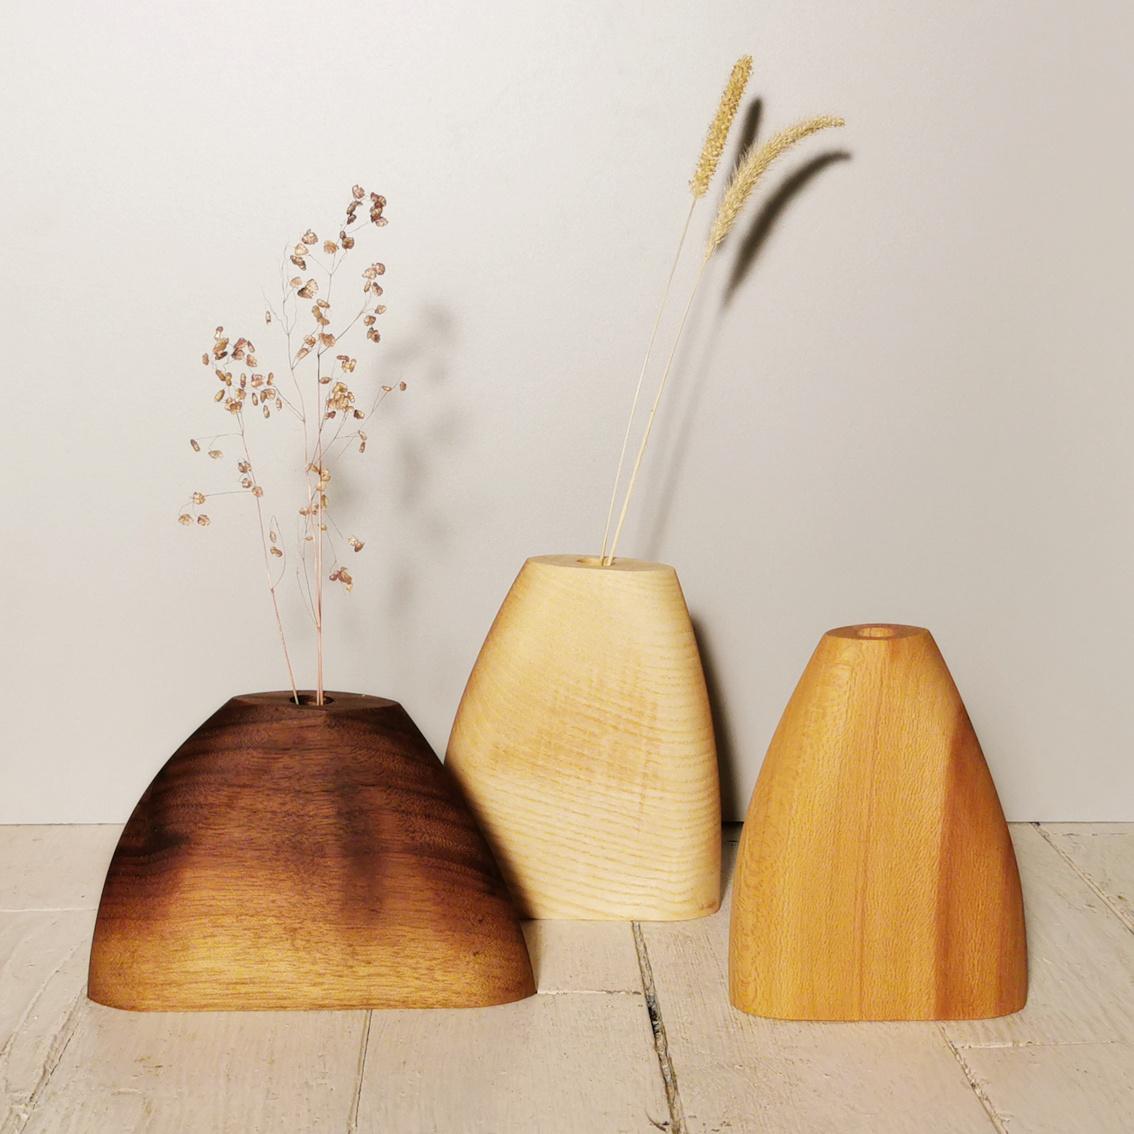 objet bois unique